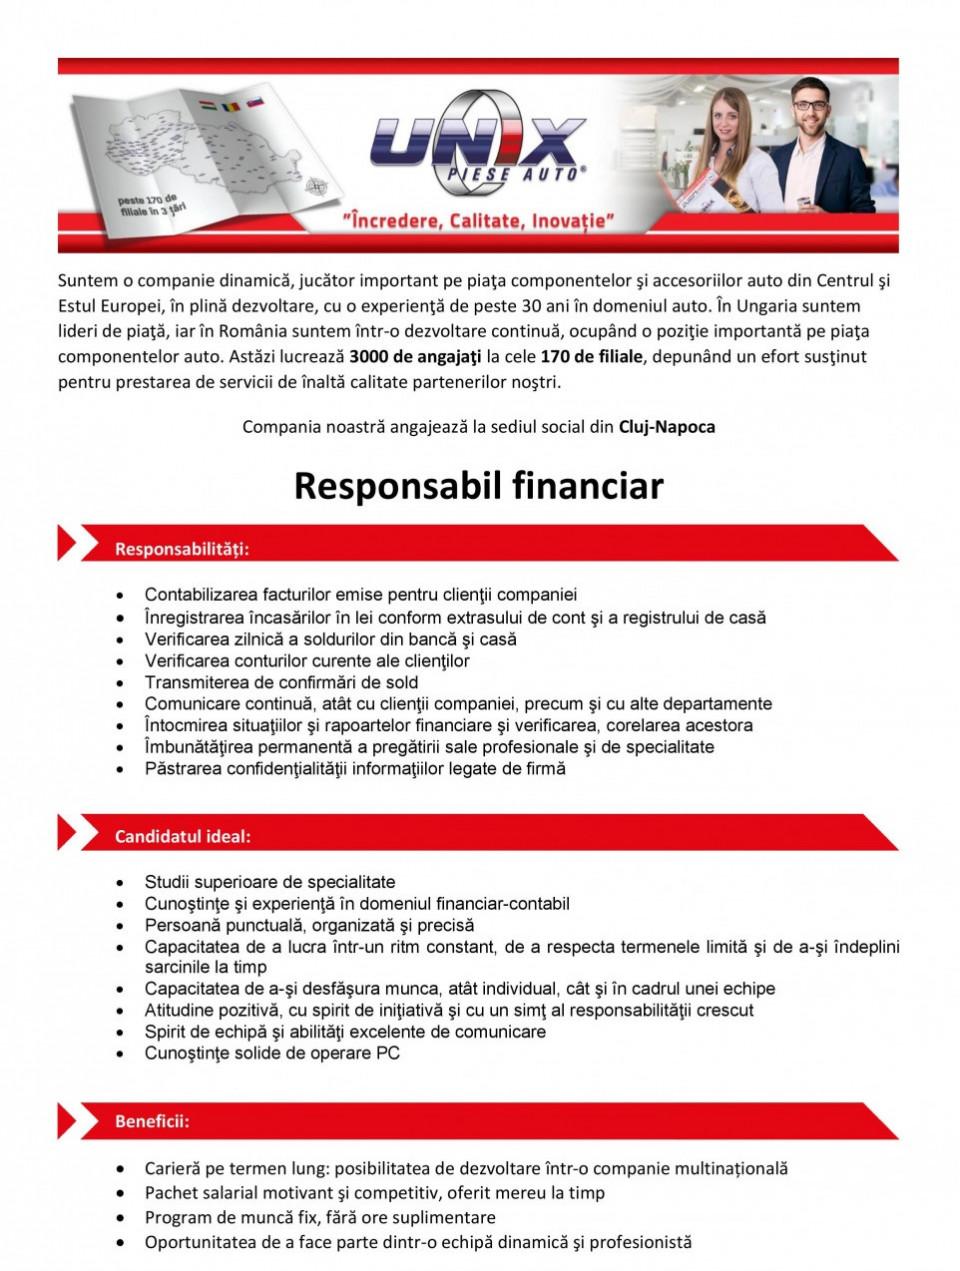 Responsabil Financiar  Studii superioare de specialitate Detinerea de cunostinte din domeniul financiar-contabil, experientă în domeniu Cunostinte solide de operare PC Personalitate veselă, persoană pasionată de munca depusă Persoană respectuoasă fată de societate si fata de colegi Persoană punctuală, organizată si precisă Capacitatea de a lucra într-un ritm constant, de a respecta termenele limită si de a-si îndeplini sarcinile la timp Capacitatea de a-si desfăsura munca, atât individual, cât si în cadrul unei echipe Cunoasterea limbii maghiare constituie avantaj  Oferim:  Loc de muncă într-o companie de prestigiu, în crestere Fundamentarea si dezvoltarea unei relatii profesionale de lungă durată Oportunitatea de a face parte dintr-o echipă dinamică si profesionistă Activitate într-un mediu dinamic si colectiv tânăr Pachet Salarial motivat si competitiv  Contabilizează facturile emise pentru clientii companiei Înregistrează încasările în lei conform extrasului de cont si a registrului de casă Verificarea zilnică a soldurilor din bancă si casă Verificarea conturilor curente a clienţilor Efectuarea de punctaje de solduri contabile cu parteneri Transmiterea de confirmări de sold Comunicare continuă, atât cu clientii companiei, precum si cu alte departamente Întocmeste situatii si rapoarte financiare si verifică corelarea acestora Îmbunătătirea permanentă a pregătirii sale profesionale si de specialitate Păstrarea confidentialitătii informatiilor legate de firmă Adoptă permanent un comportament în măsură să promoveze imaginea si interesele firmei Se implică în vederea solutionării situatiilor care afectează firma  Compania noastră este un distribuitor de piese auto, care se află într-o continuă expansiune în cele trei ţări ale regiunii Central şi Est Europene, unde lucrează peste 3000 de angajaţi la cele peste 130 de filiale. Sistemul logistic avansat şi catalogul electronic de piese auto asigură un serviciu unic partenerilor noştri. Datorită lărgirii semnificative a r